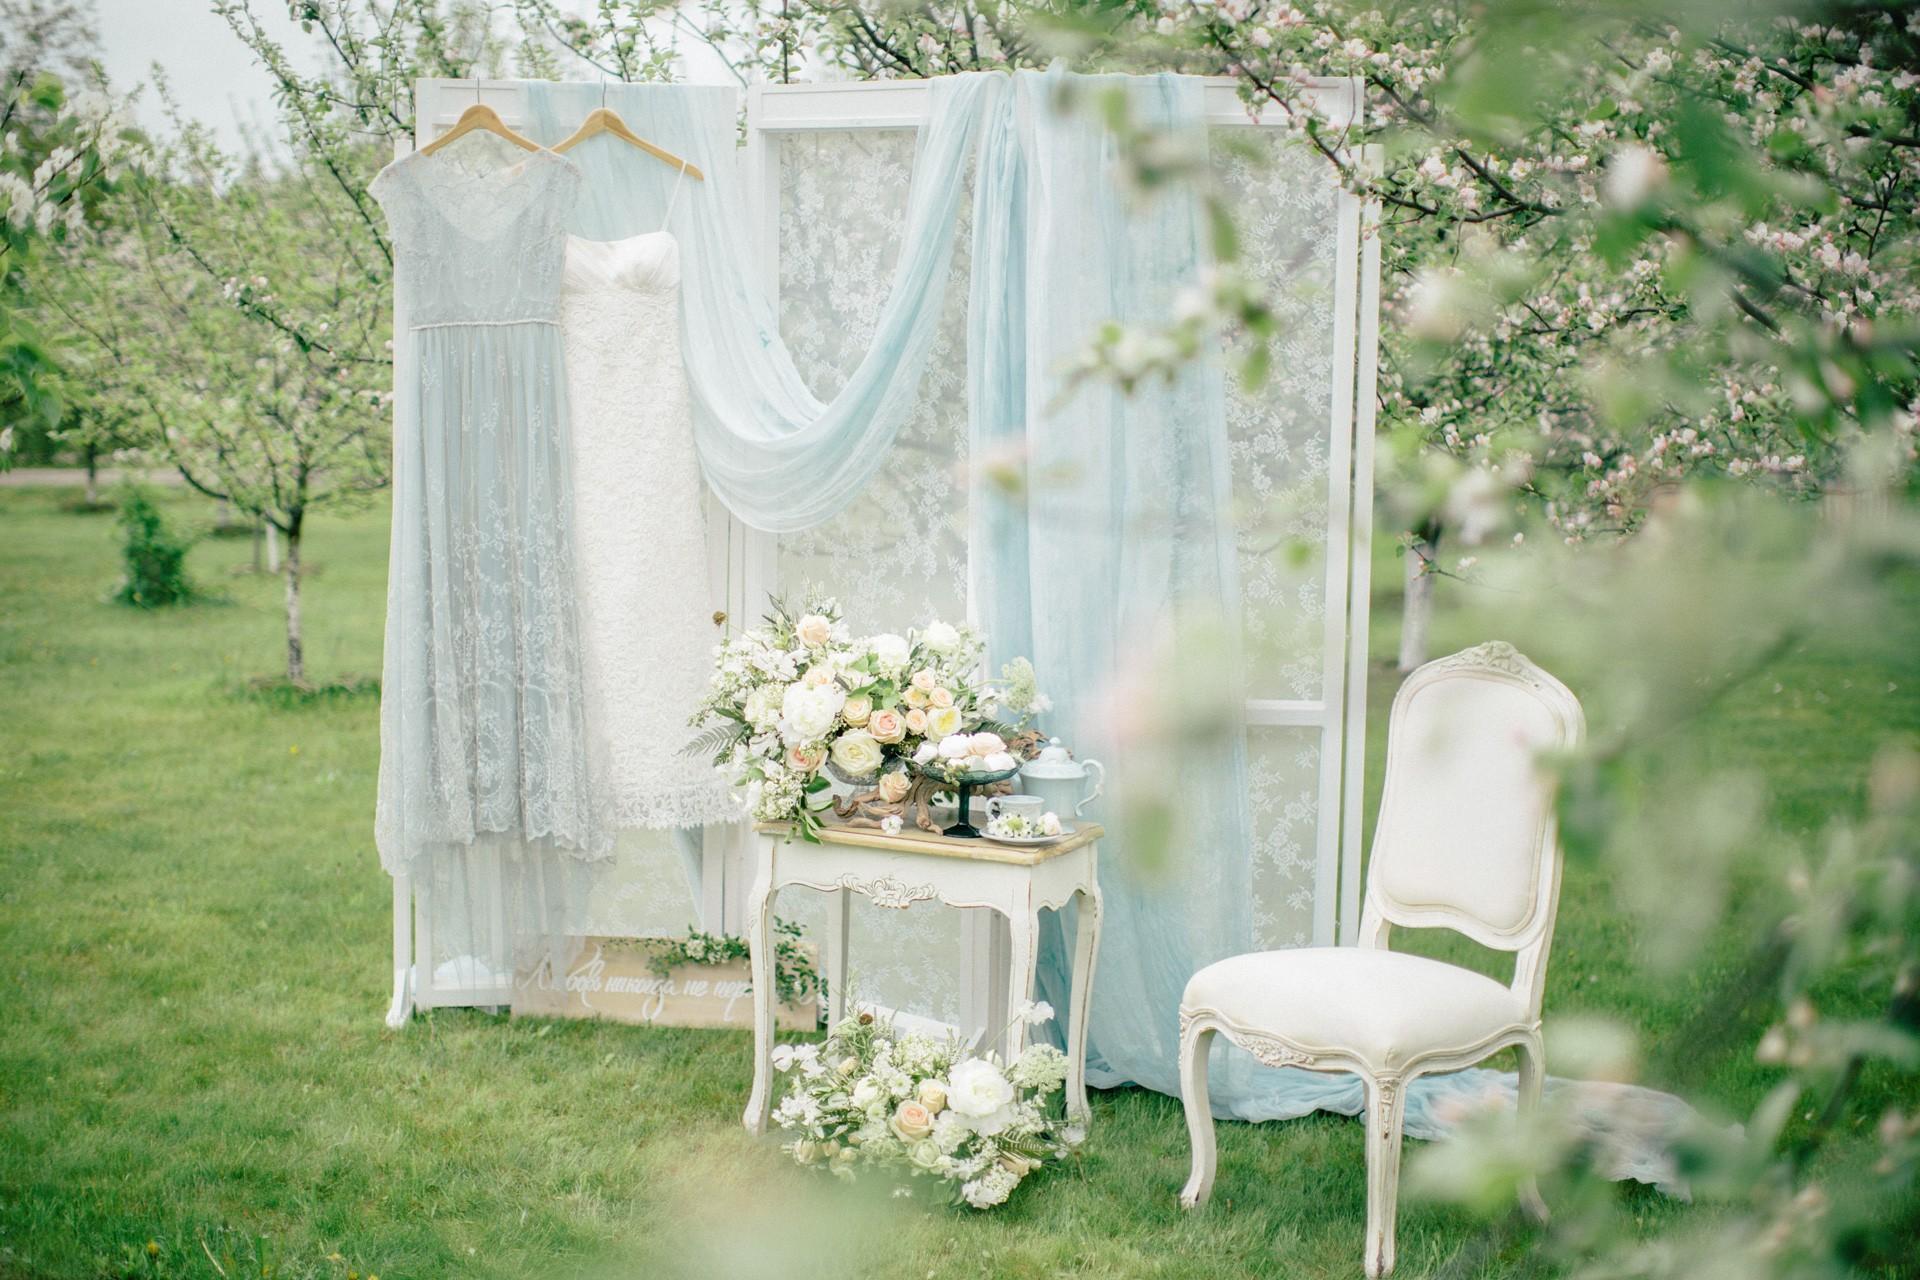 Декоратор Ольга Белецкая: «Свадебные декорации должны отличаться от театральных» фото 2